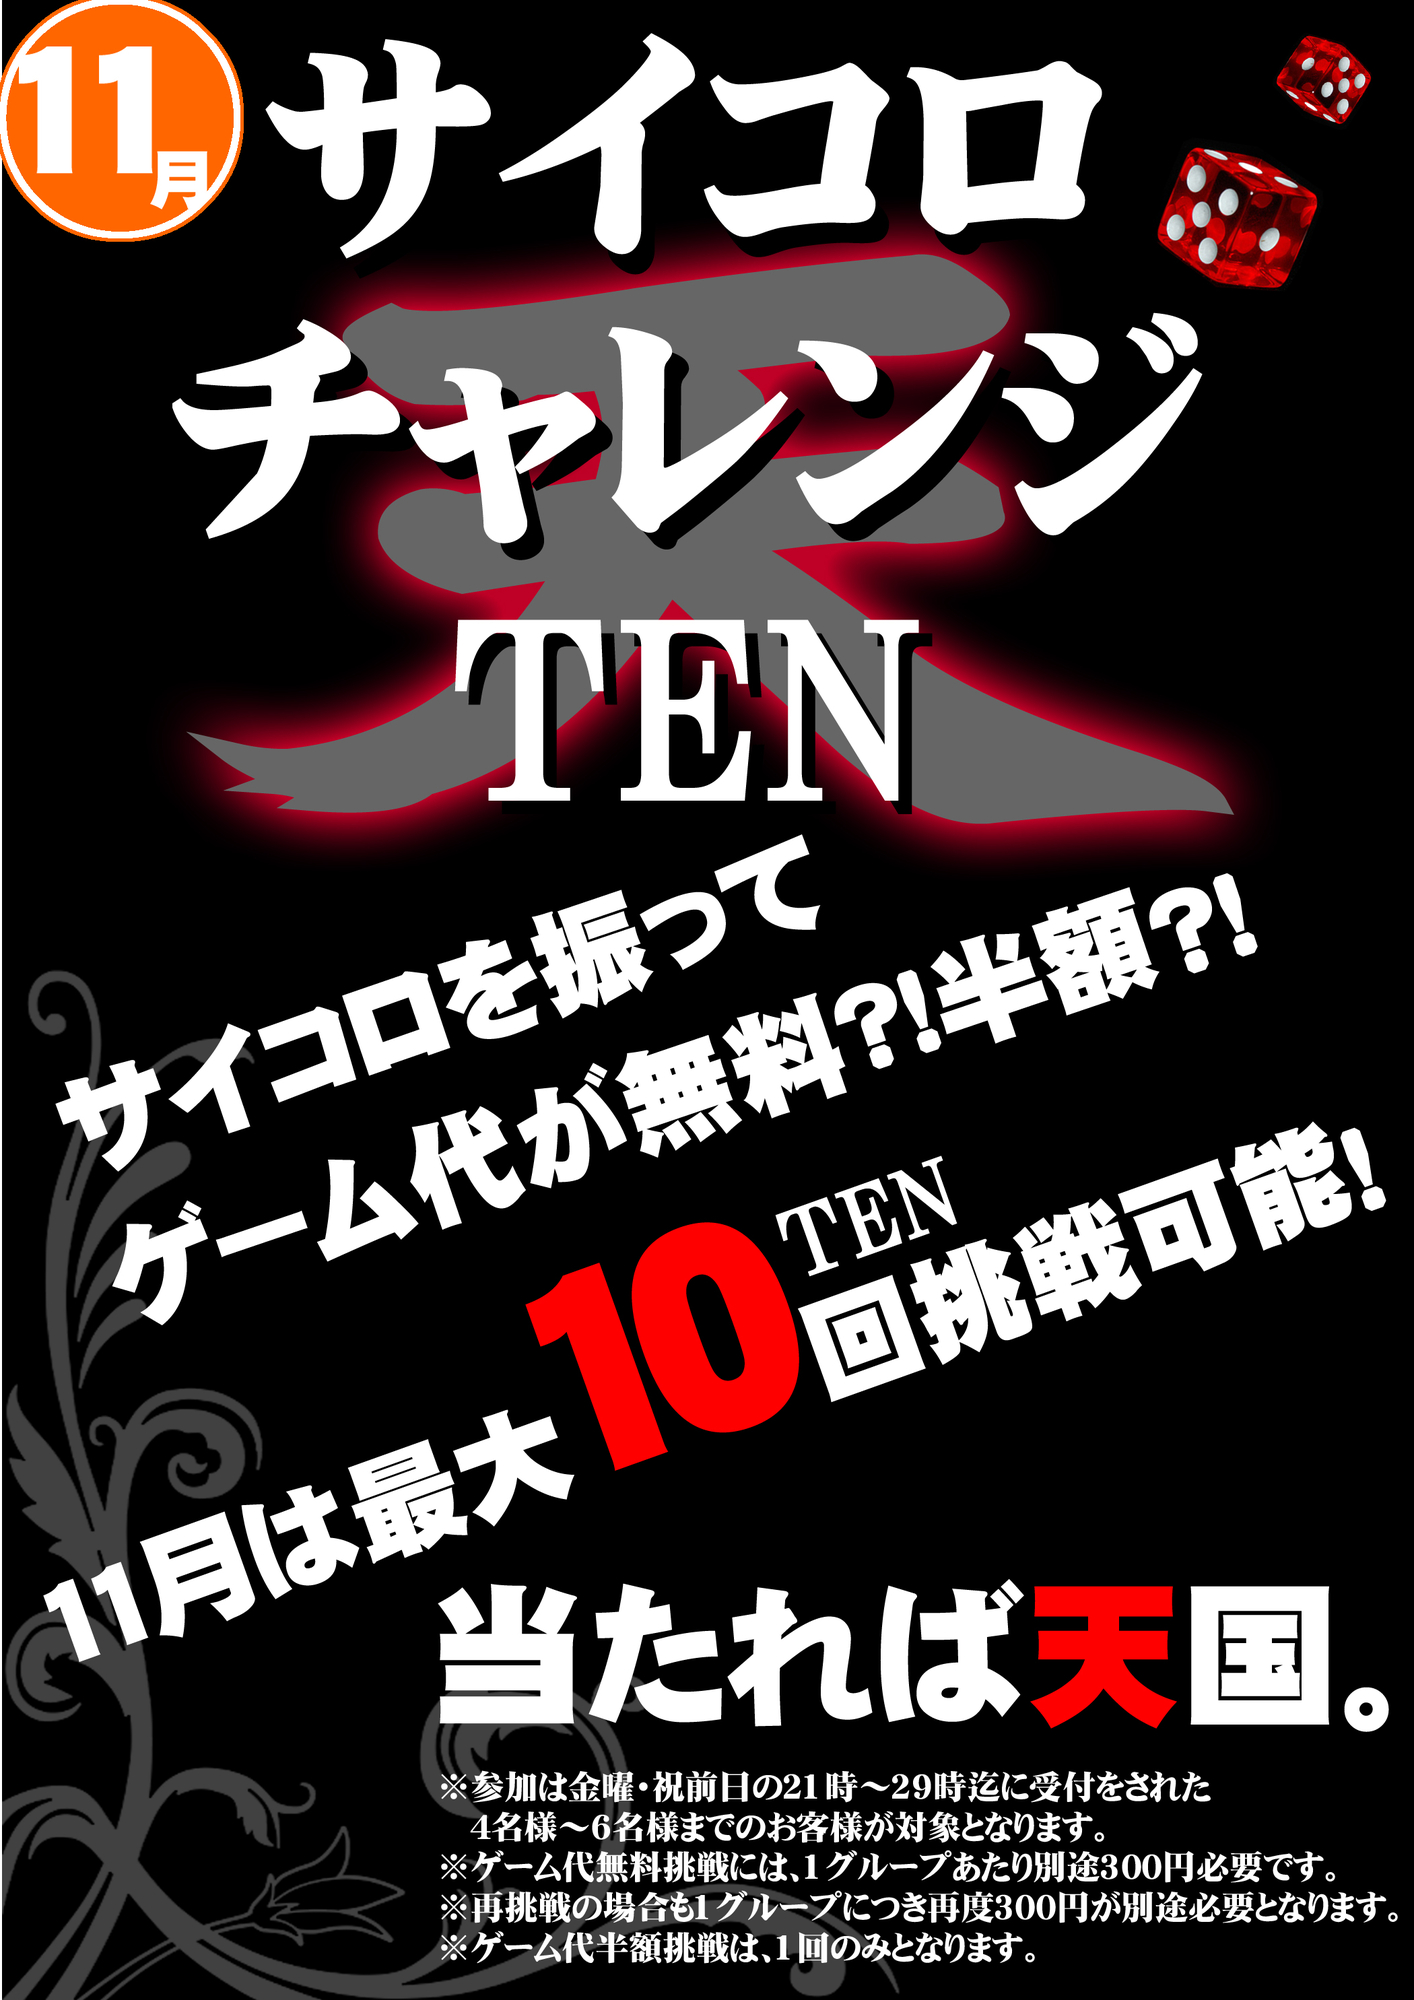 サイコロチャレンジ天-TEN-